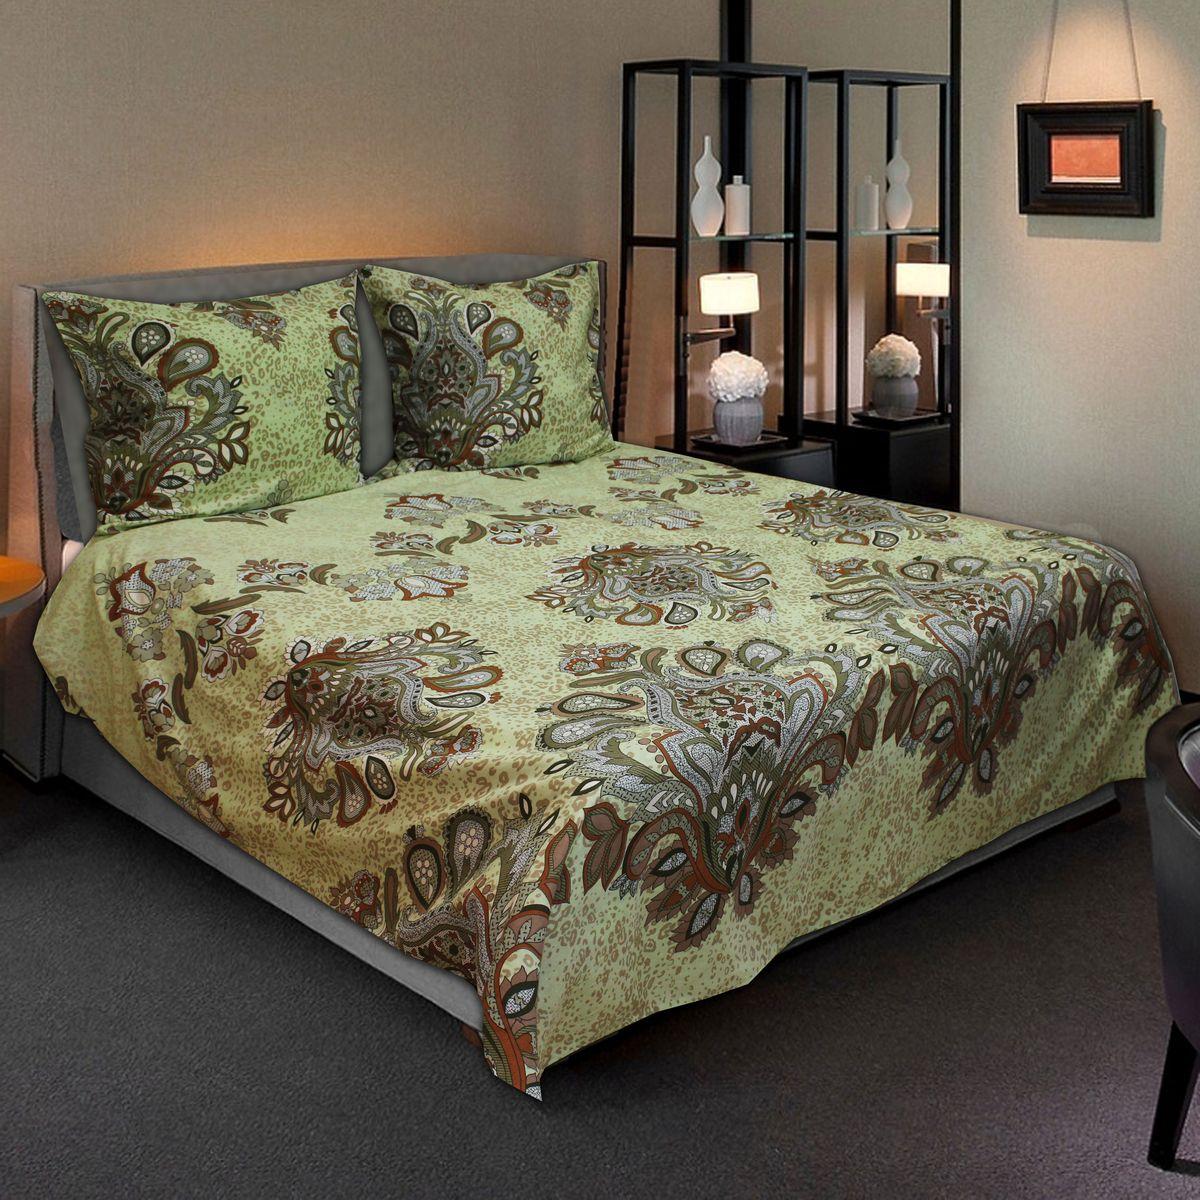 Комплект белья Amore Mio Decor, евро, наволочки 70х7077748Комплект постельного белья Amore Mio является экологически безопасным для всей семьи, так как выполнен из бязи (100% хлопок). Комплект состоит из пододеяльника, простыни и двух наволочек. Постельное белье оформлено оригинальным рисунком и имеет изысканный внешний вид. Легкая, плотная, мягкая ткань отлично стирается, гладится, быстро сохнет. Рекомендации по уходу: Химчистка и отбеливание запрещены. Рекомендуется стирка в прохладной воде при температуре не выше 30°С.